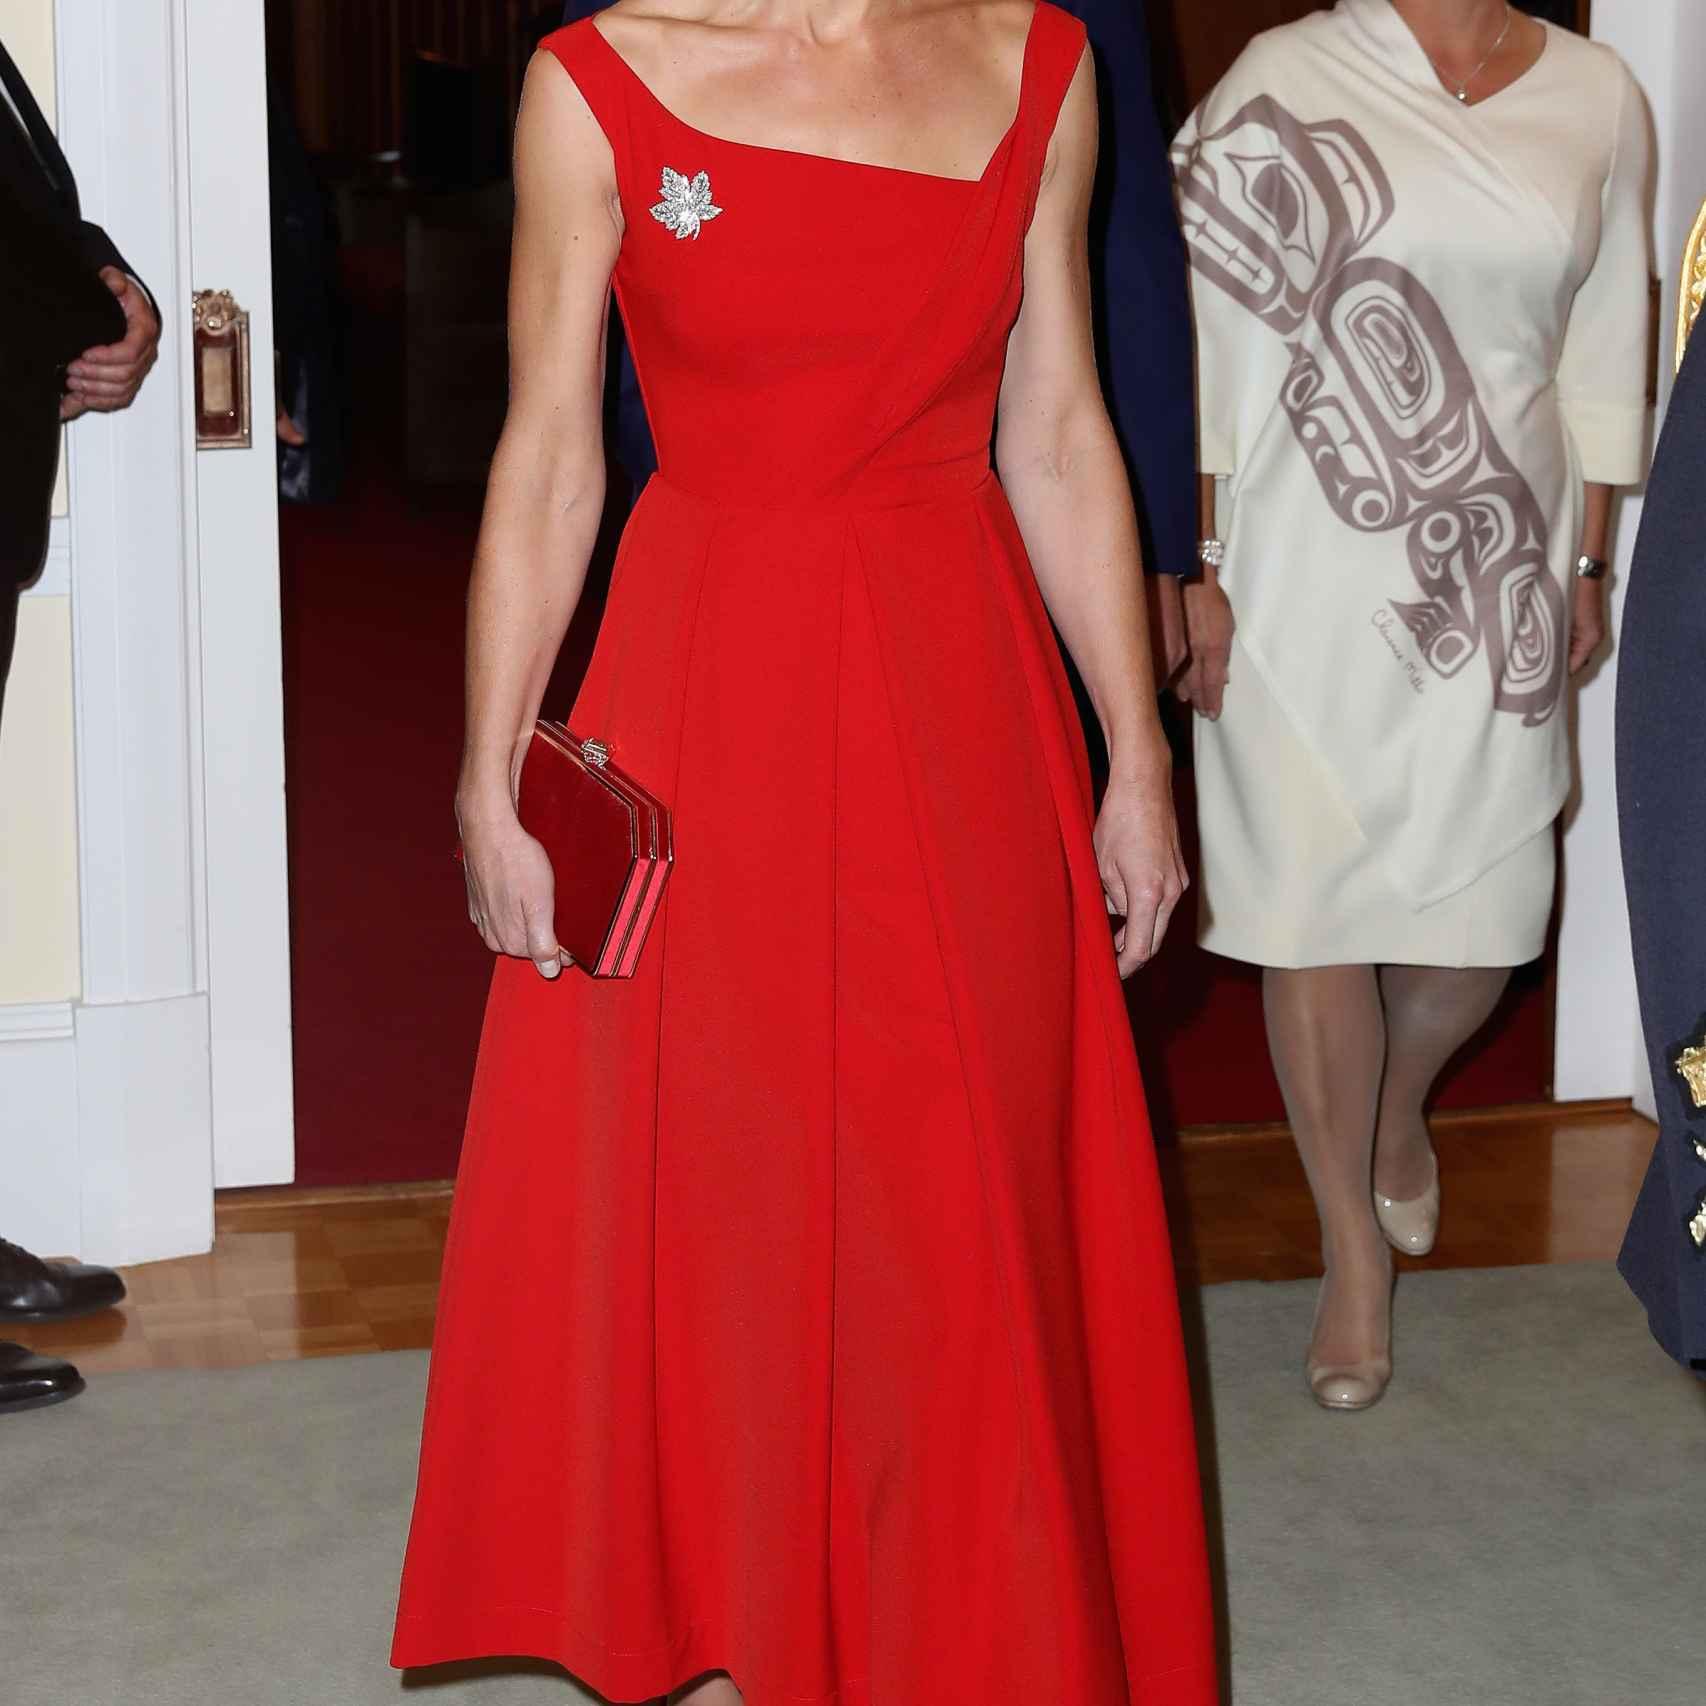 La duquesa de Cambridge deslumbró en su cena de gala en Canadá.